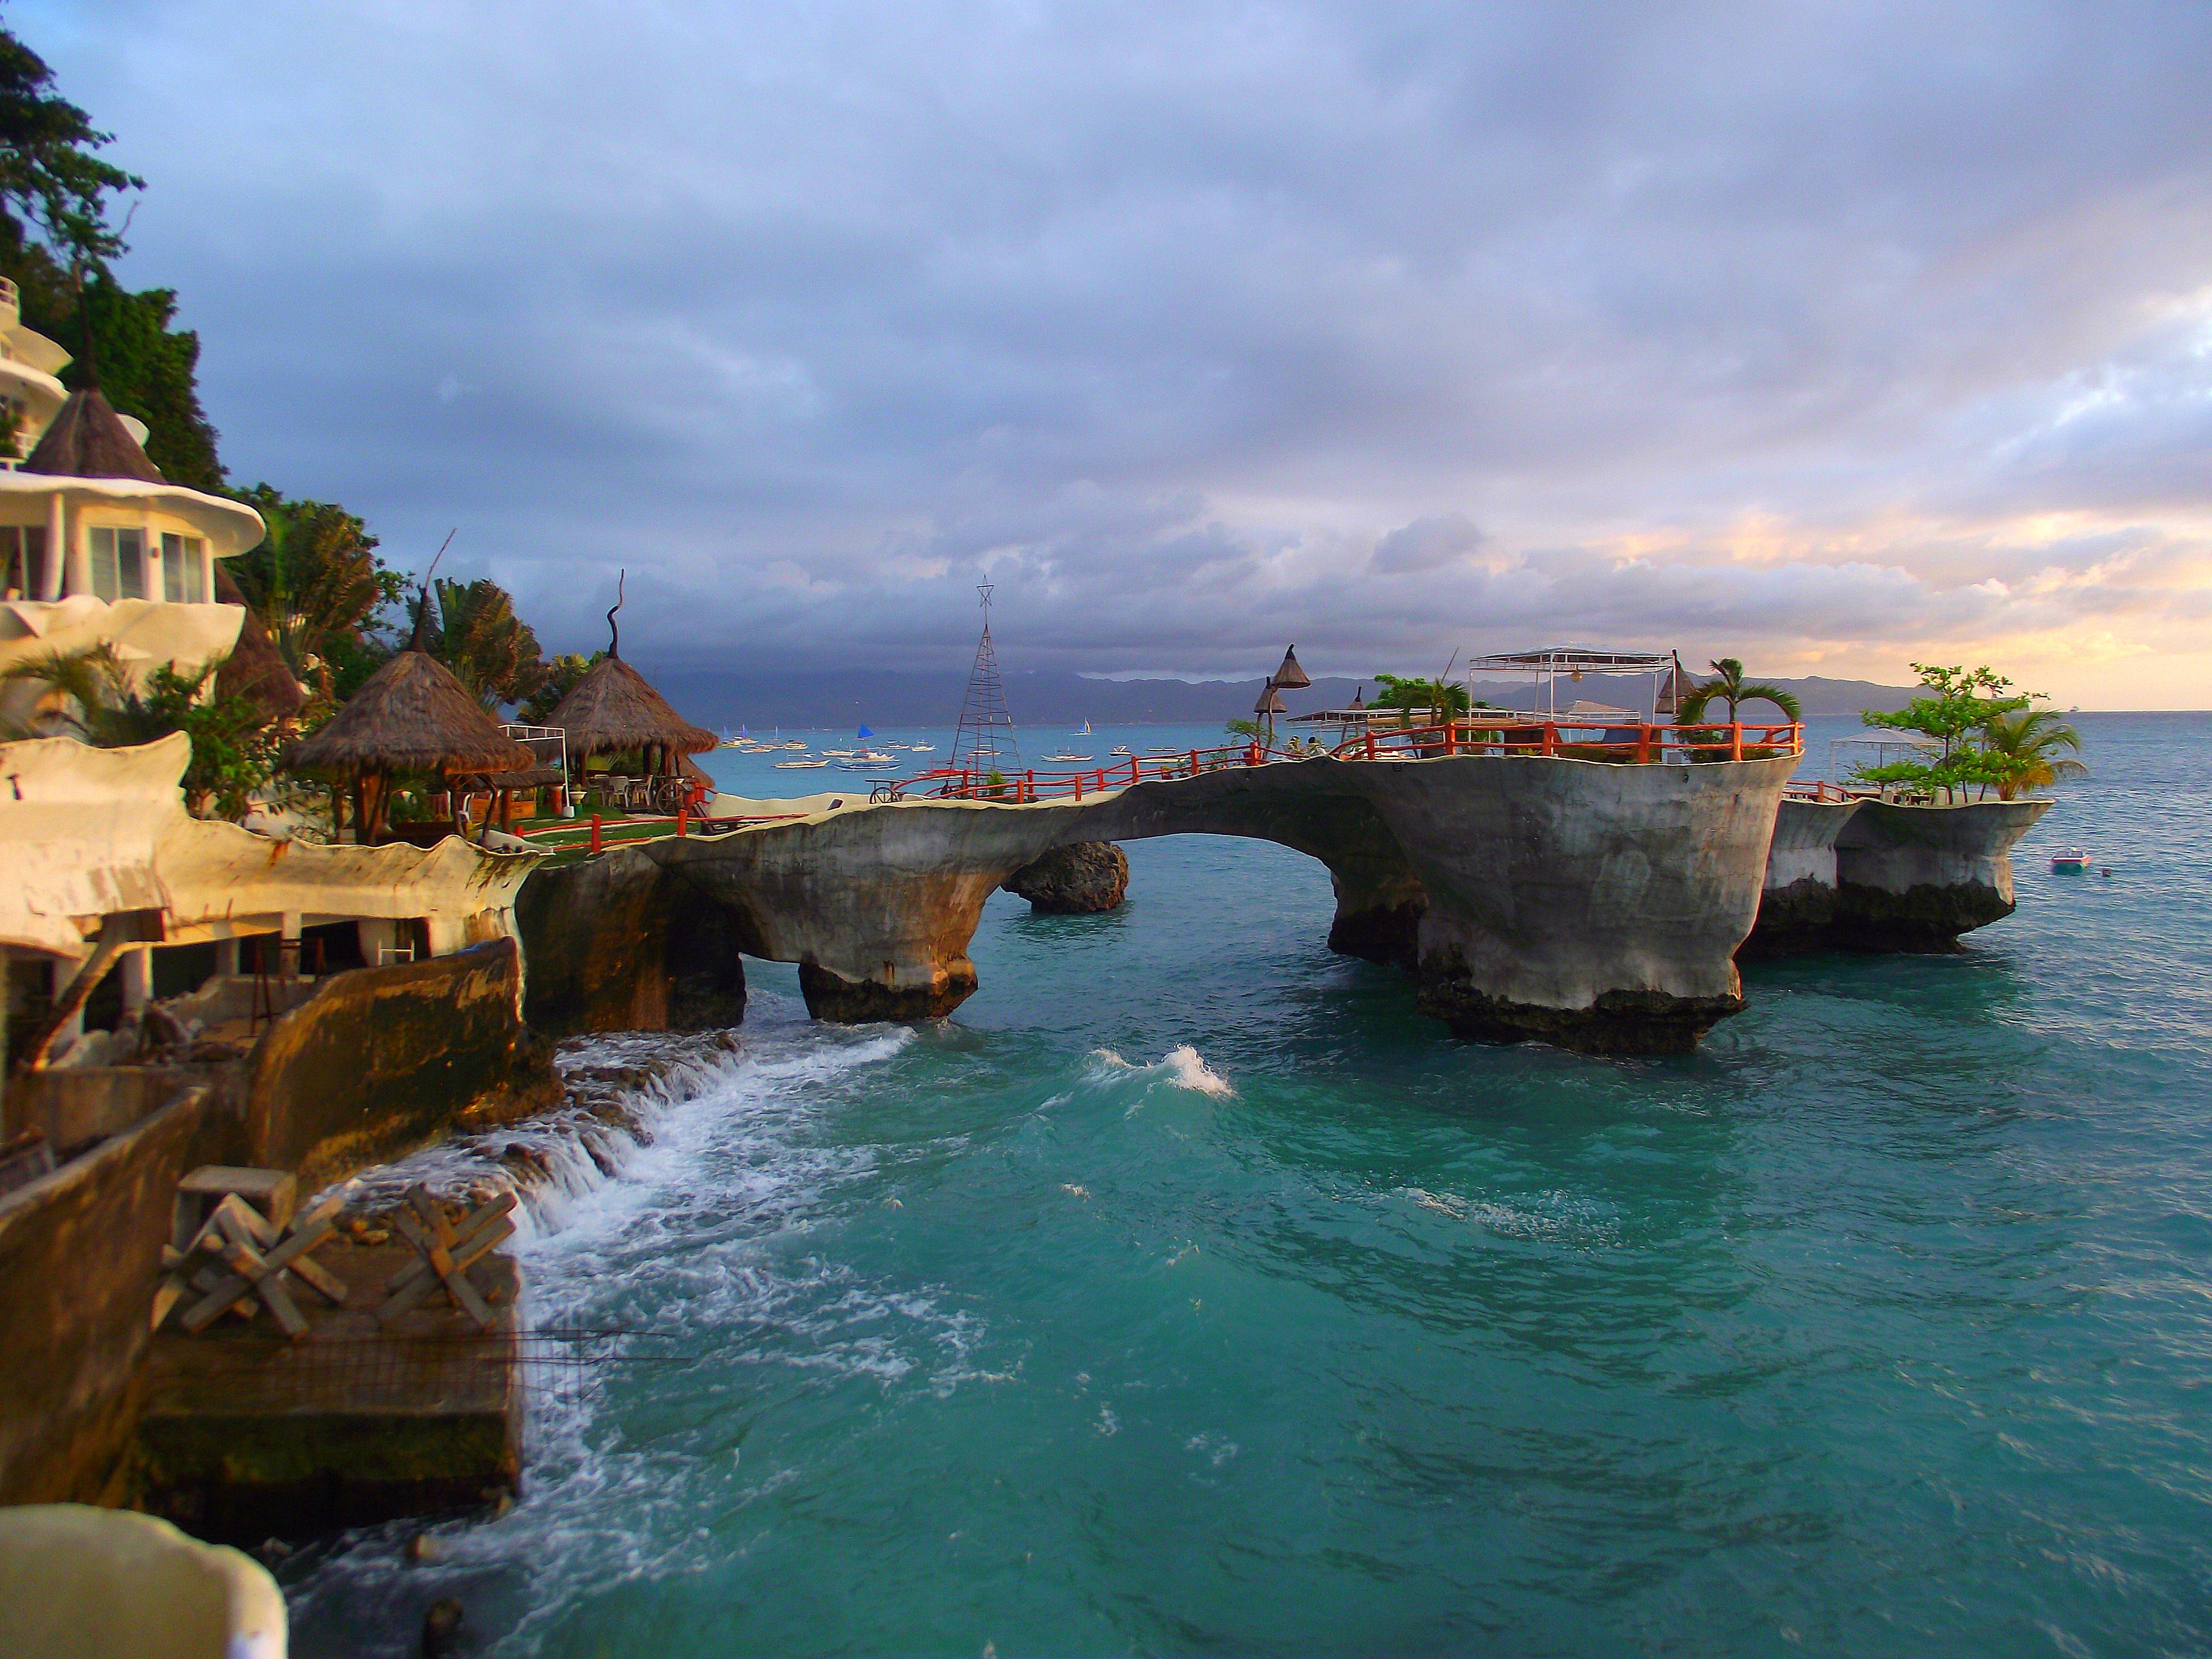 【i旅行】韋金勇:4天4000余元用英文9單詞細游菲律賓宿務、薄荷、長灘等9島6城鎮(下篇) 一、簡述 2013年11月28日12日1日4天里,我花了4000余元,6次飛行,用英文9個單詞,很仔細地游覽了菲律賓宿務、薄荷、長灘等9島6城鎮。 6次飛行:上海往返馬尼拉、馬尼拉往返宿務、馬尼拉往返長灘。 9島6城鎮:9島呂宋島、麥克坦島、宿務島、薄荷島、邦勞島、巴黎卡薩島、處女島、班乃島、長灘島。馬尼拉、宿務、塔克比蘭、長灘、卡迪蘭克、卡里波。 說是只會英文9個單詞,當然不止,也沒統計過,至少英語極差極